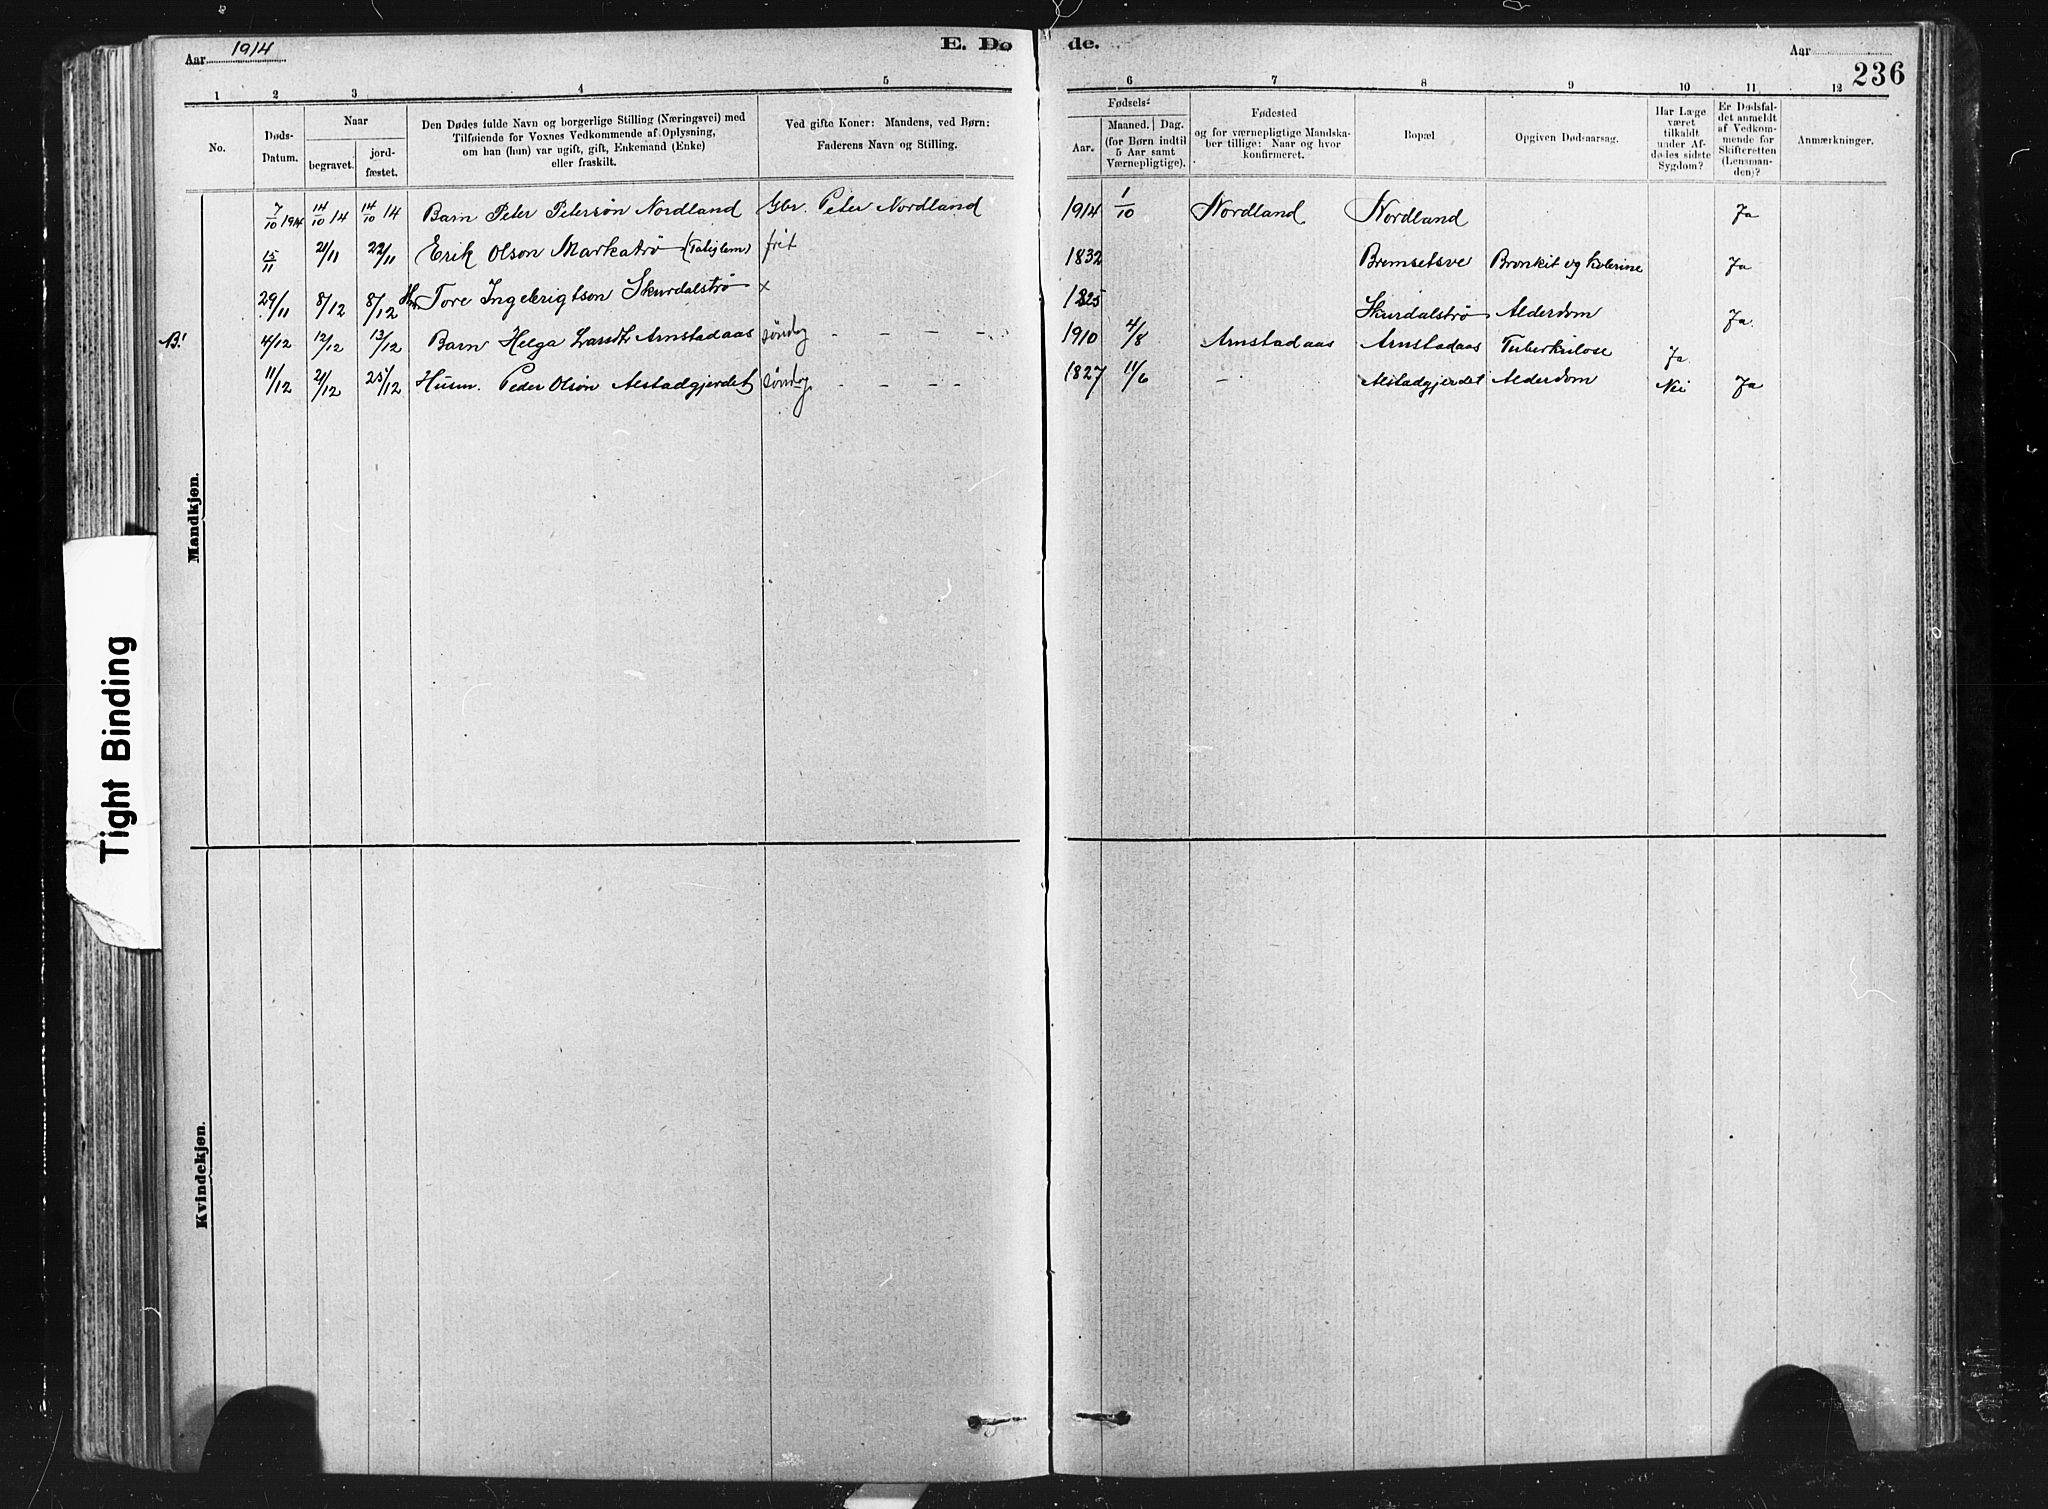 SAT, Ministerialprotokoller, klokkerbøker og fødselsregistre - Nord-Trøndelag, 712/L0103: Klokkerbok nr. 712C01, 1878-1917, s. 236